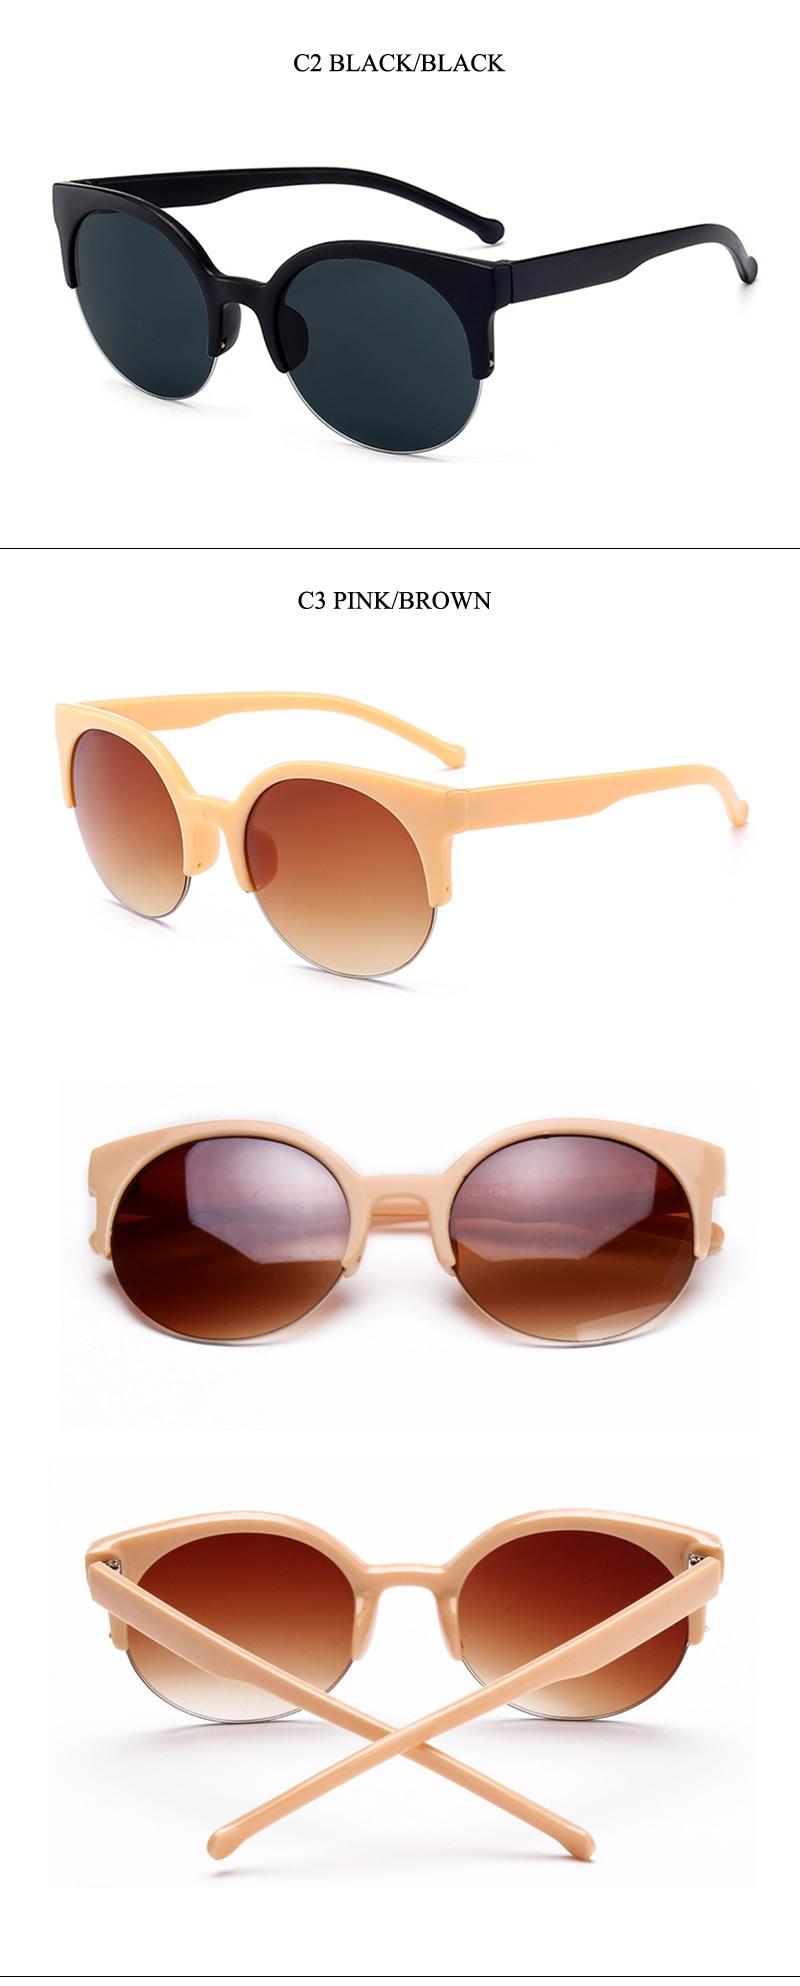 6 women semi-rimless round sunglasses